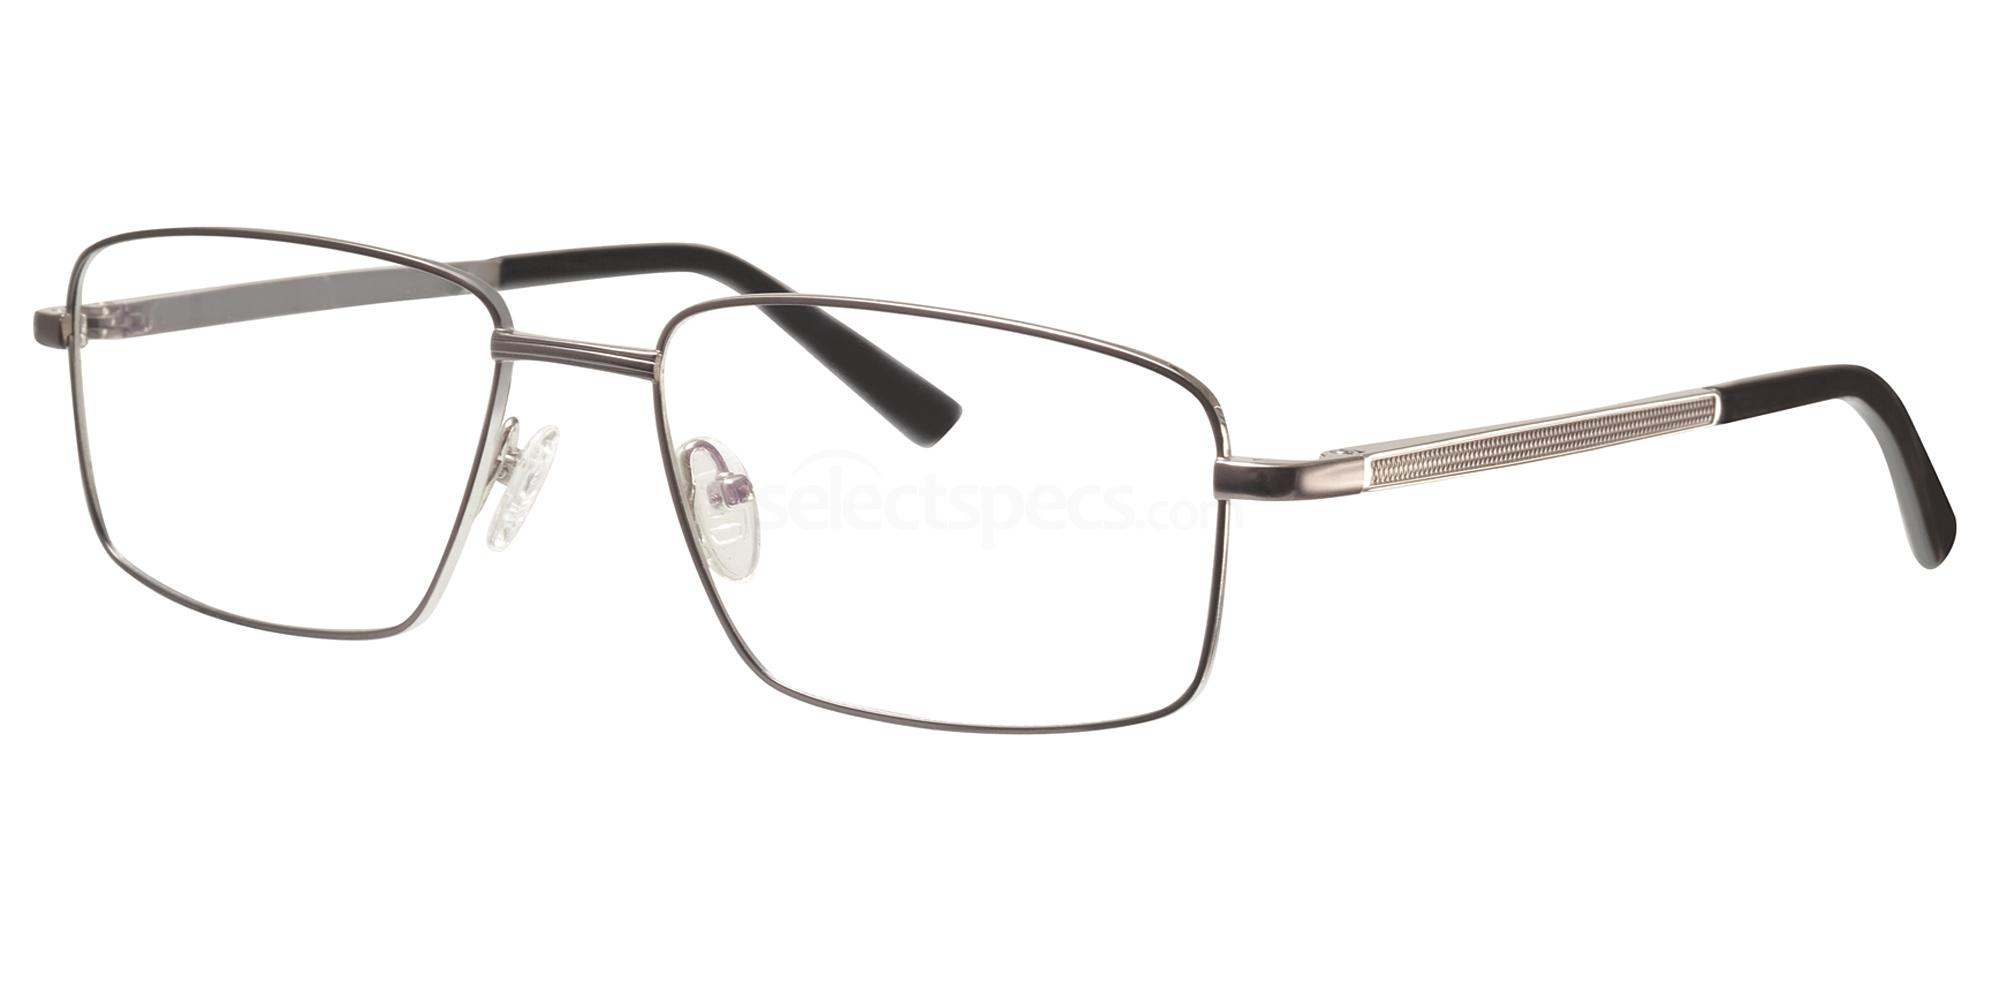 C50 727 Glasses, Ferucci Titanium